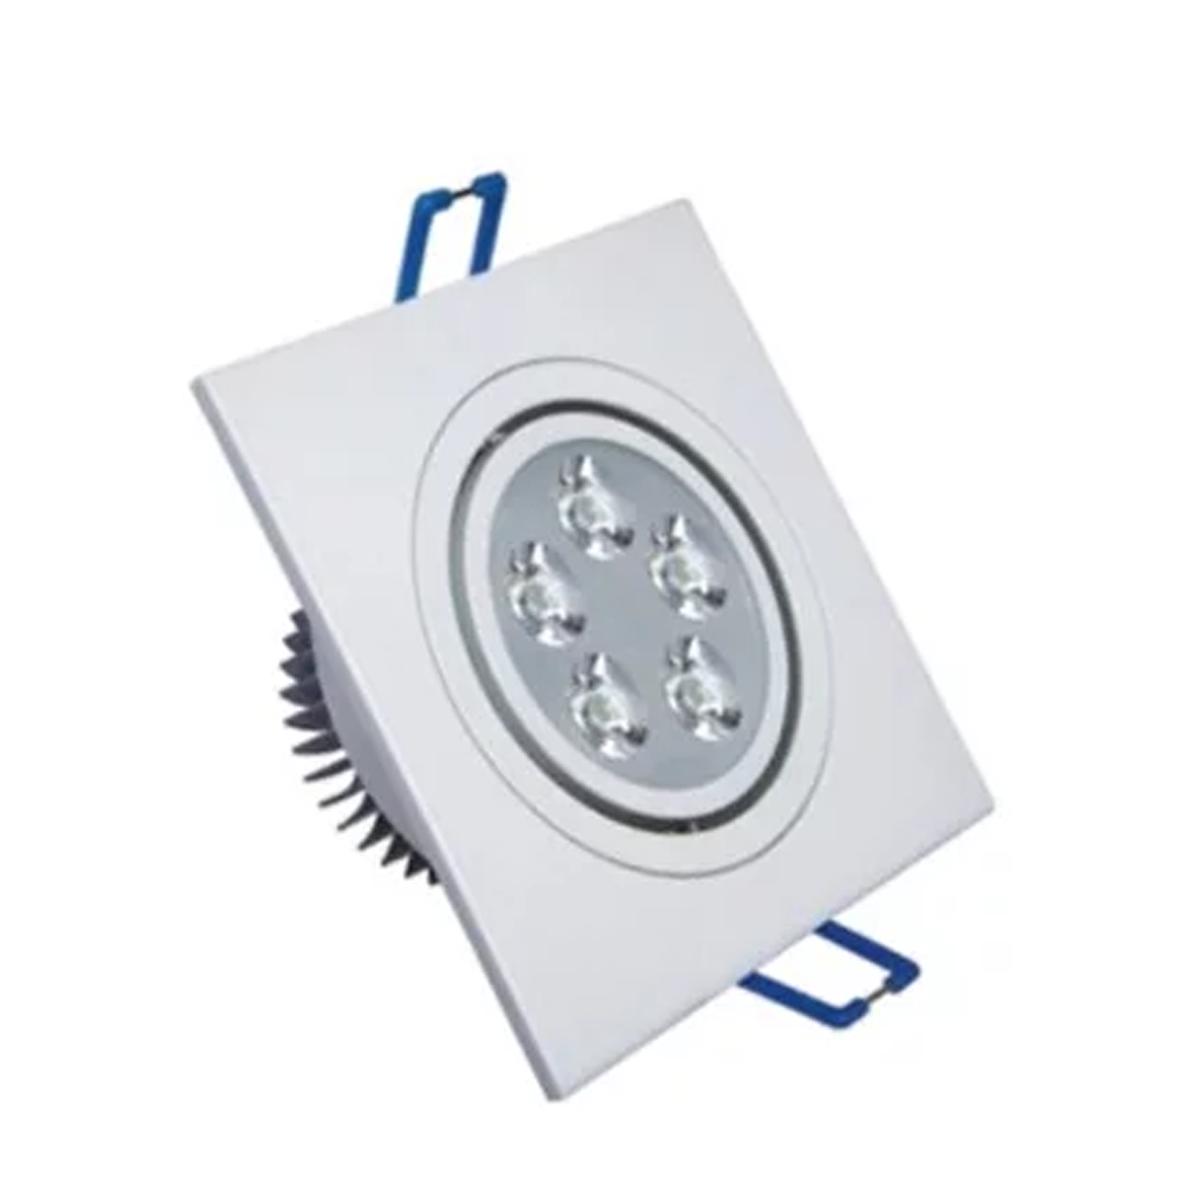 Spot LED 5W Quadrado / Branco Frio